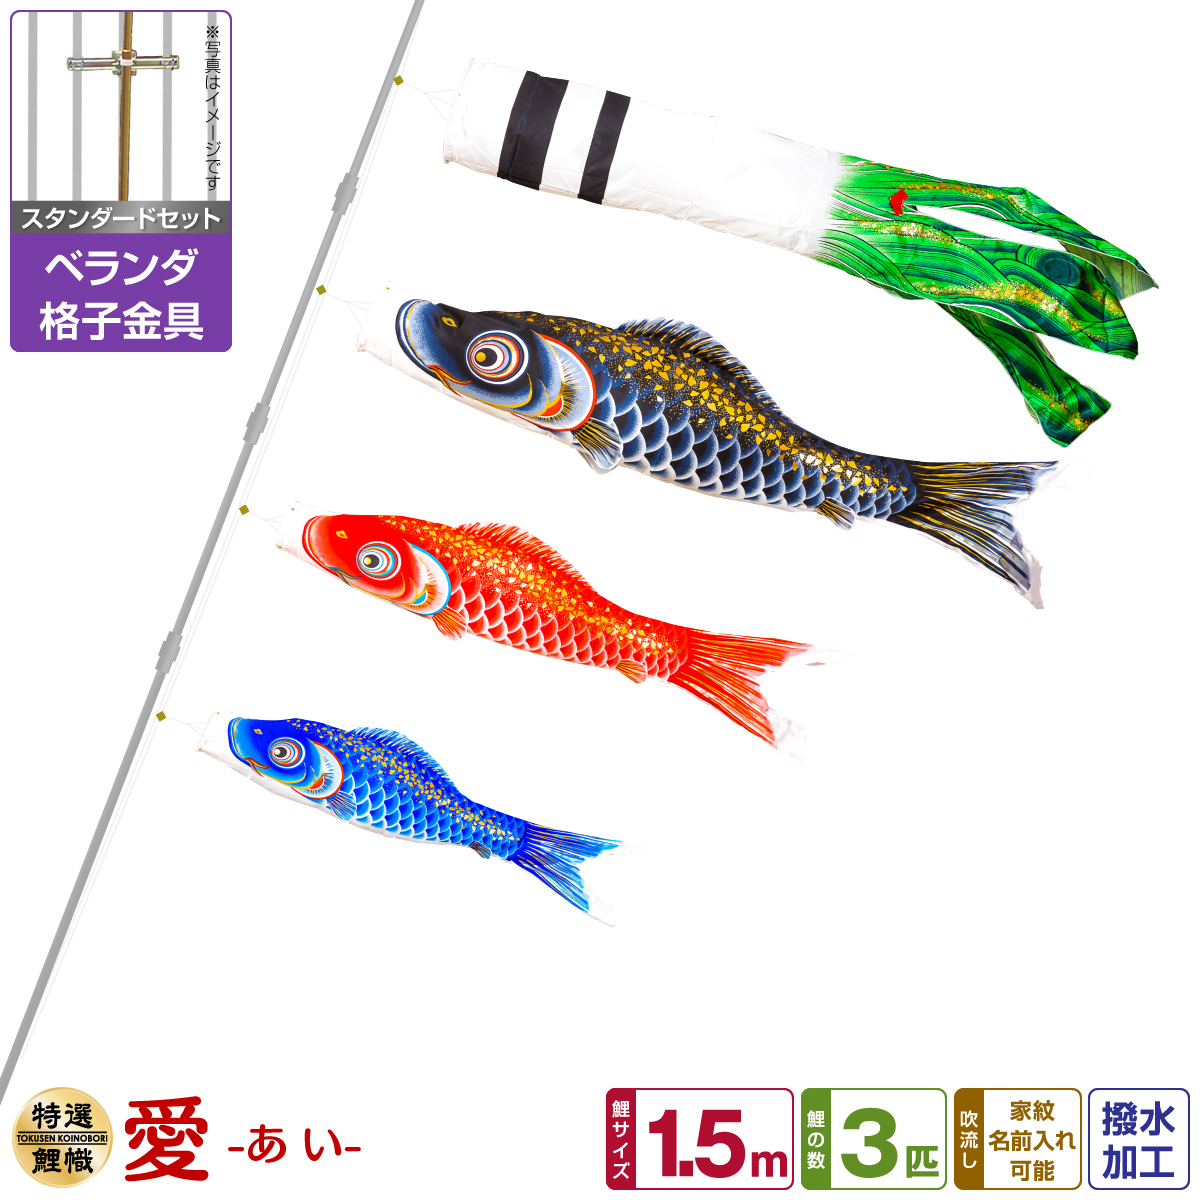 ベランダ用 こいのぼり 鯉のぼり 愛 1.5m 6点(吹流し+鯉3匹+矢車+ロープ)/スタンダードセット(格子金具)